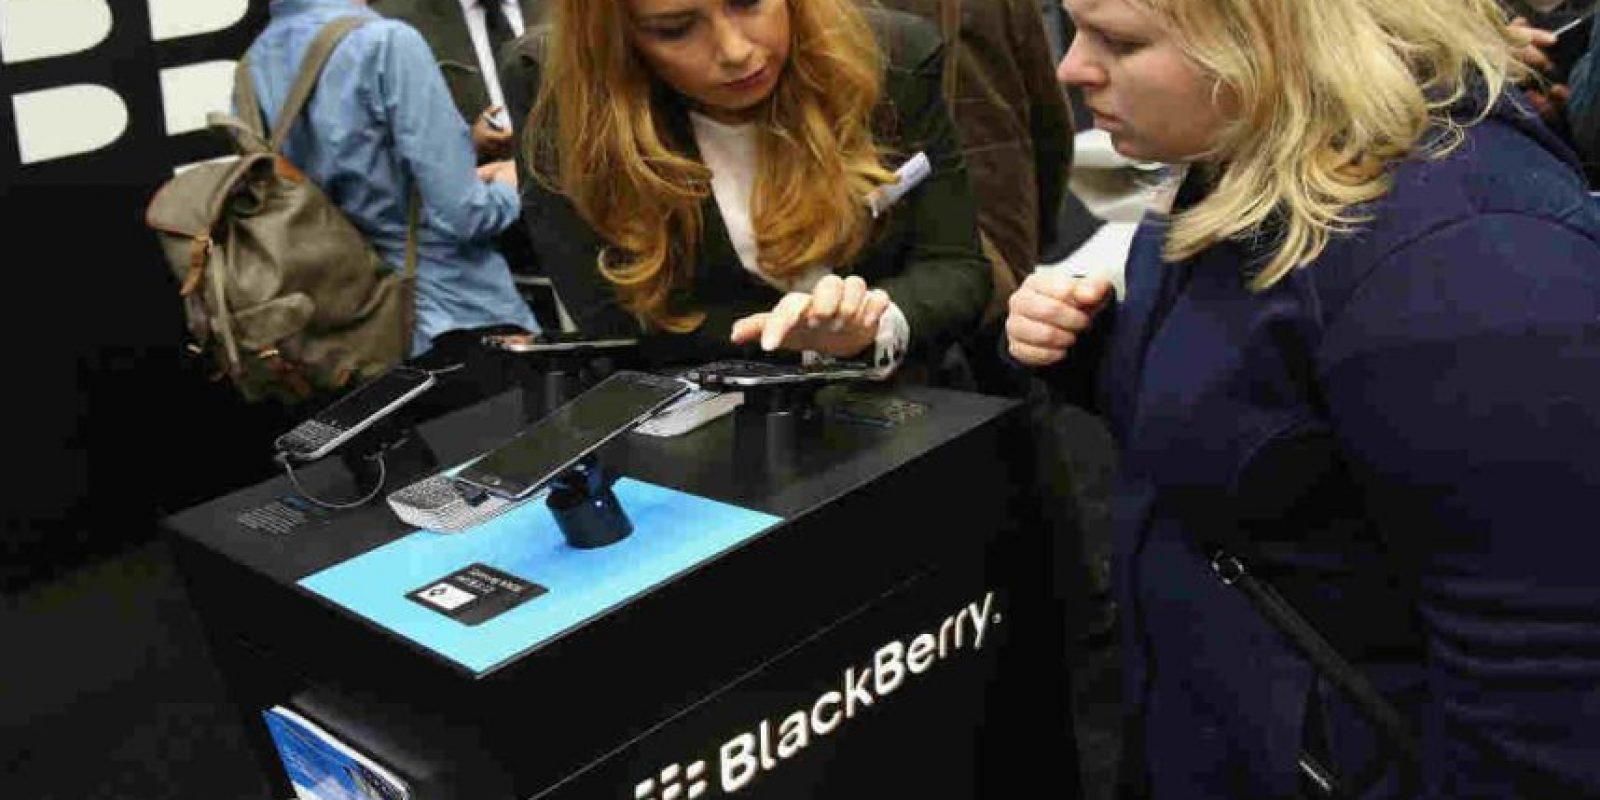 Hace años, los BlackBerry eran los smartphones más famosos. Foto:Getty Images. Imagen Por: